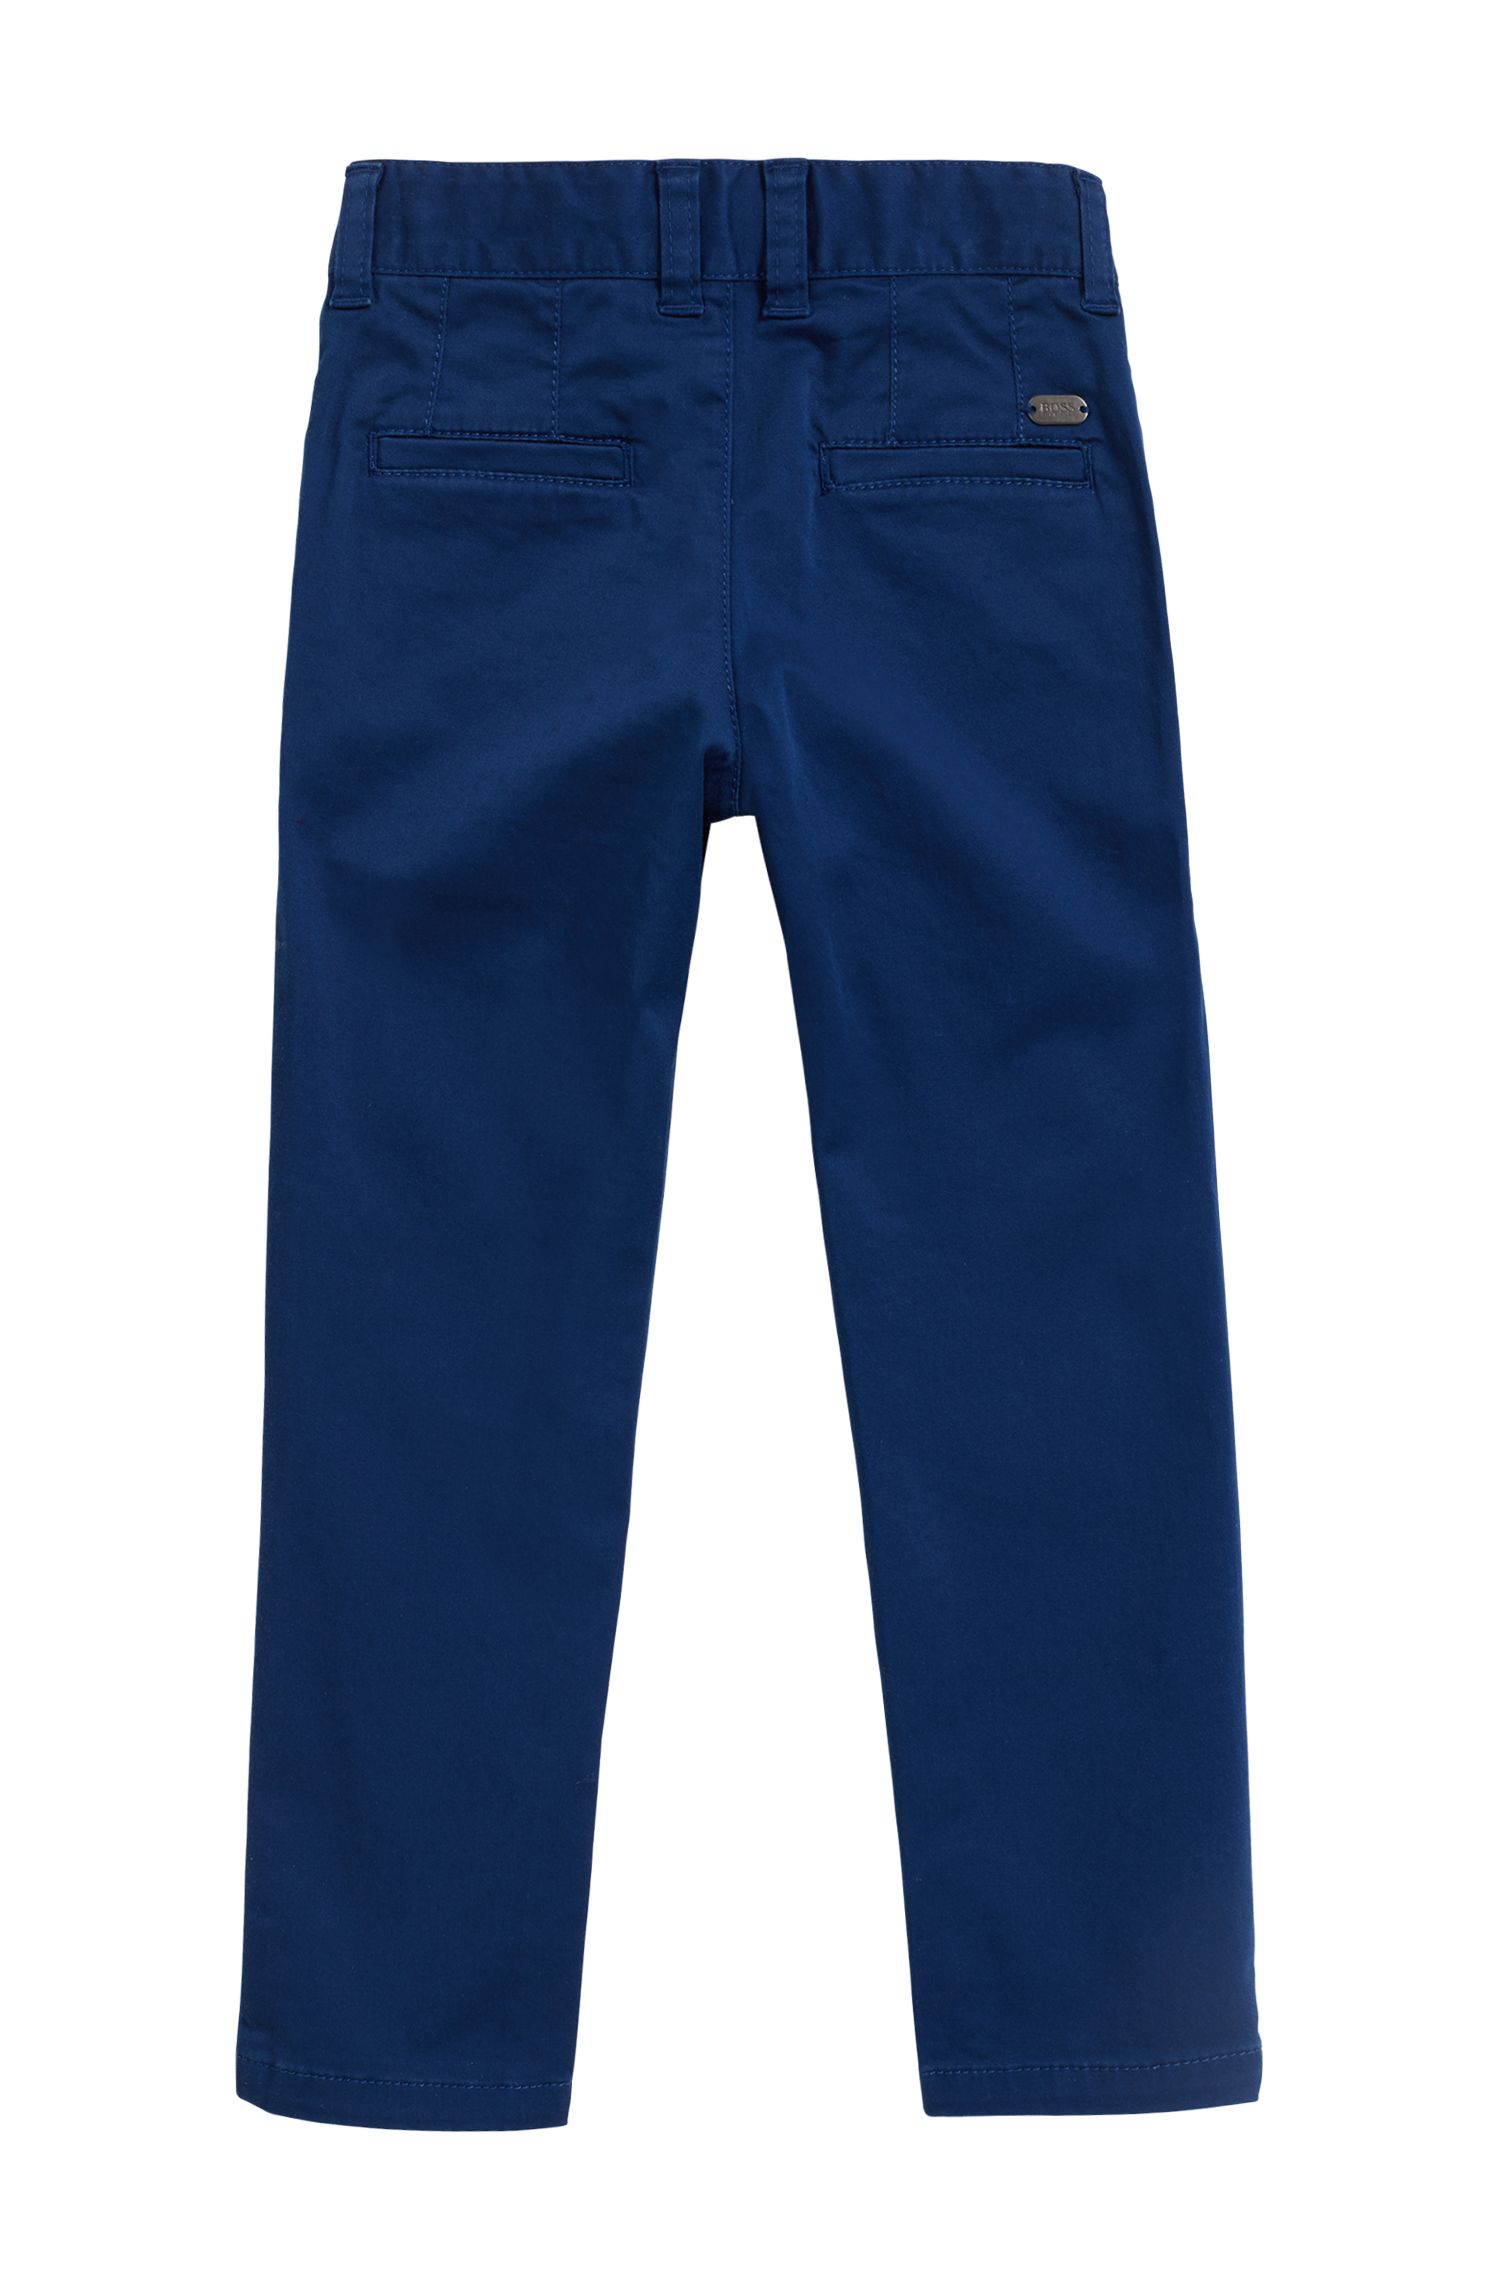 Kinderpantalon van katoensatijn met stretch, Donkerblauw